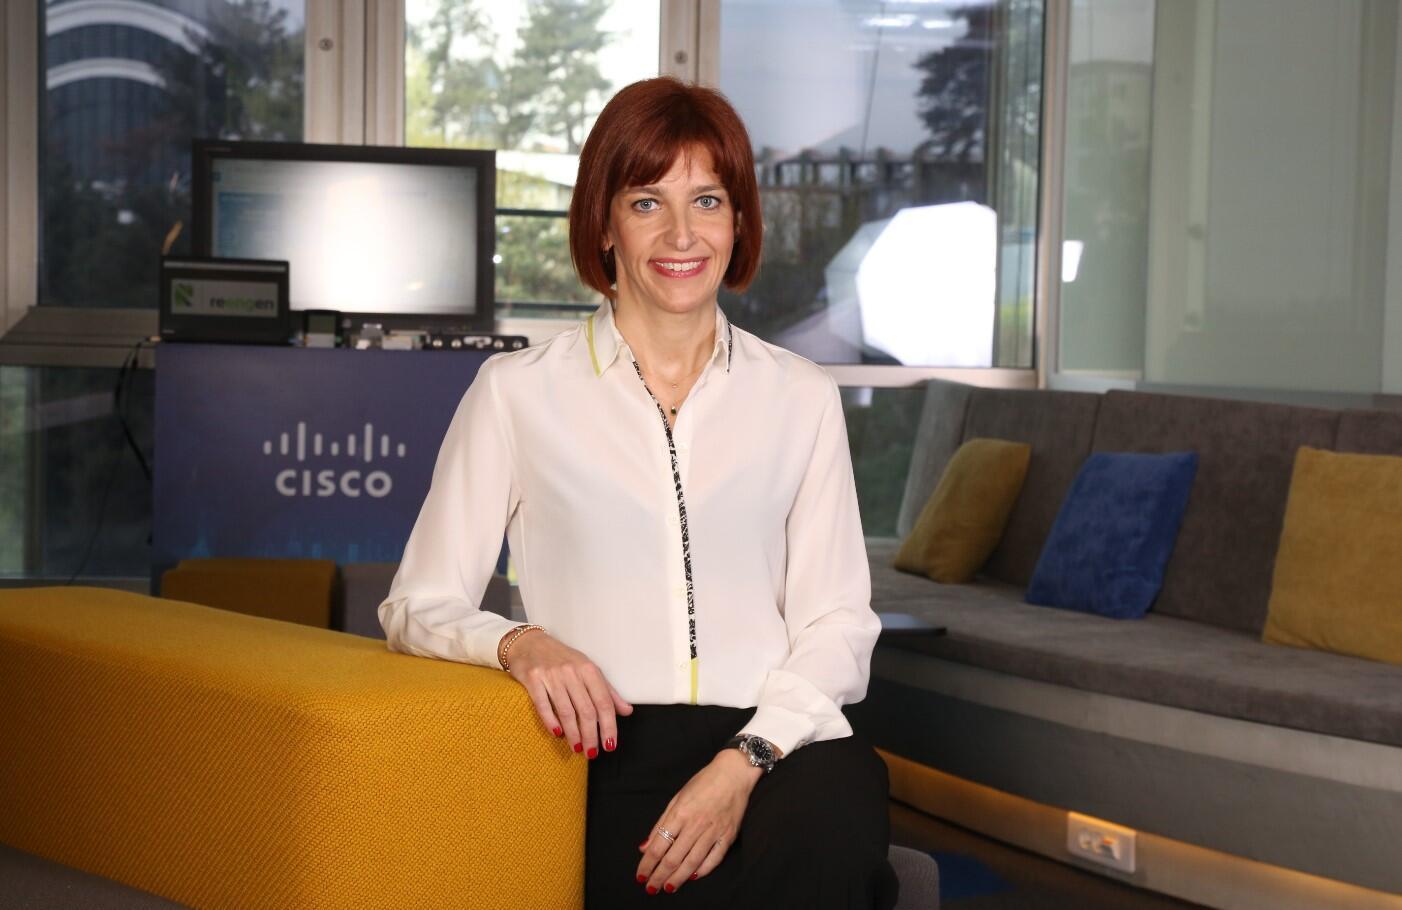 İşletmelerin dijital dönüşüm sürecine destek olan Cisco'nun öne çıkan çözümleri